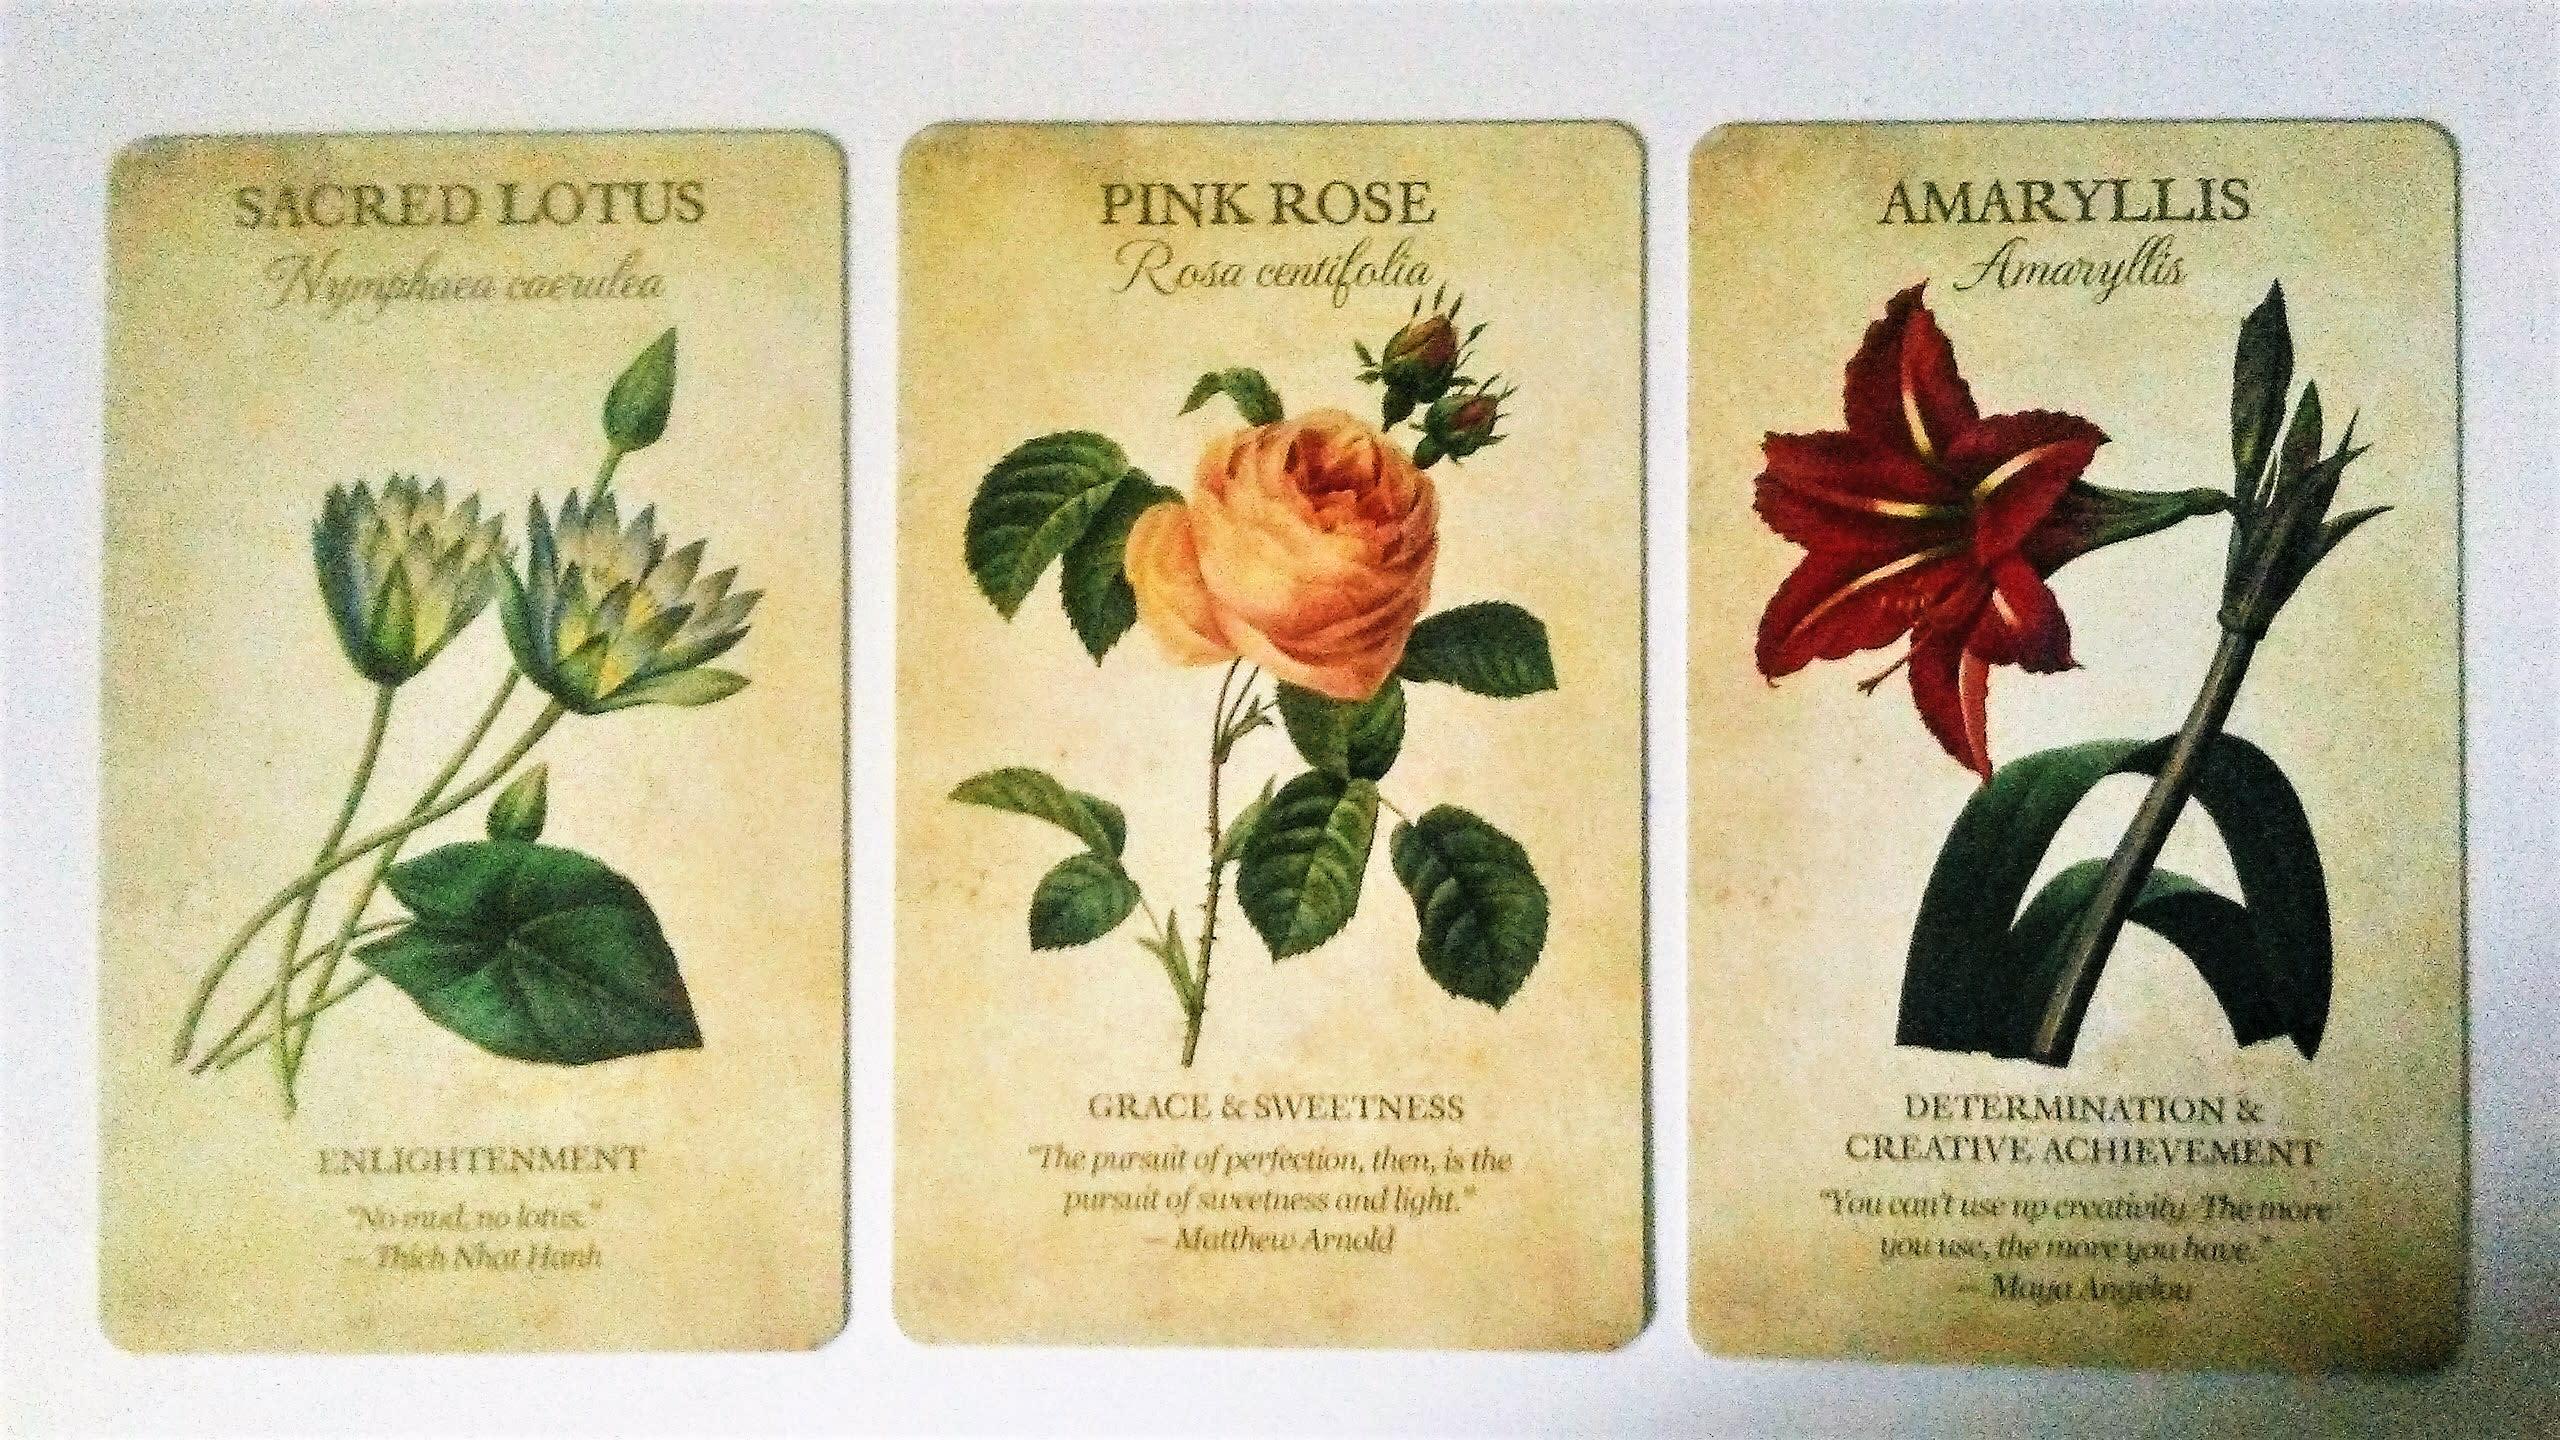 Lotus tarot card reading online, free